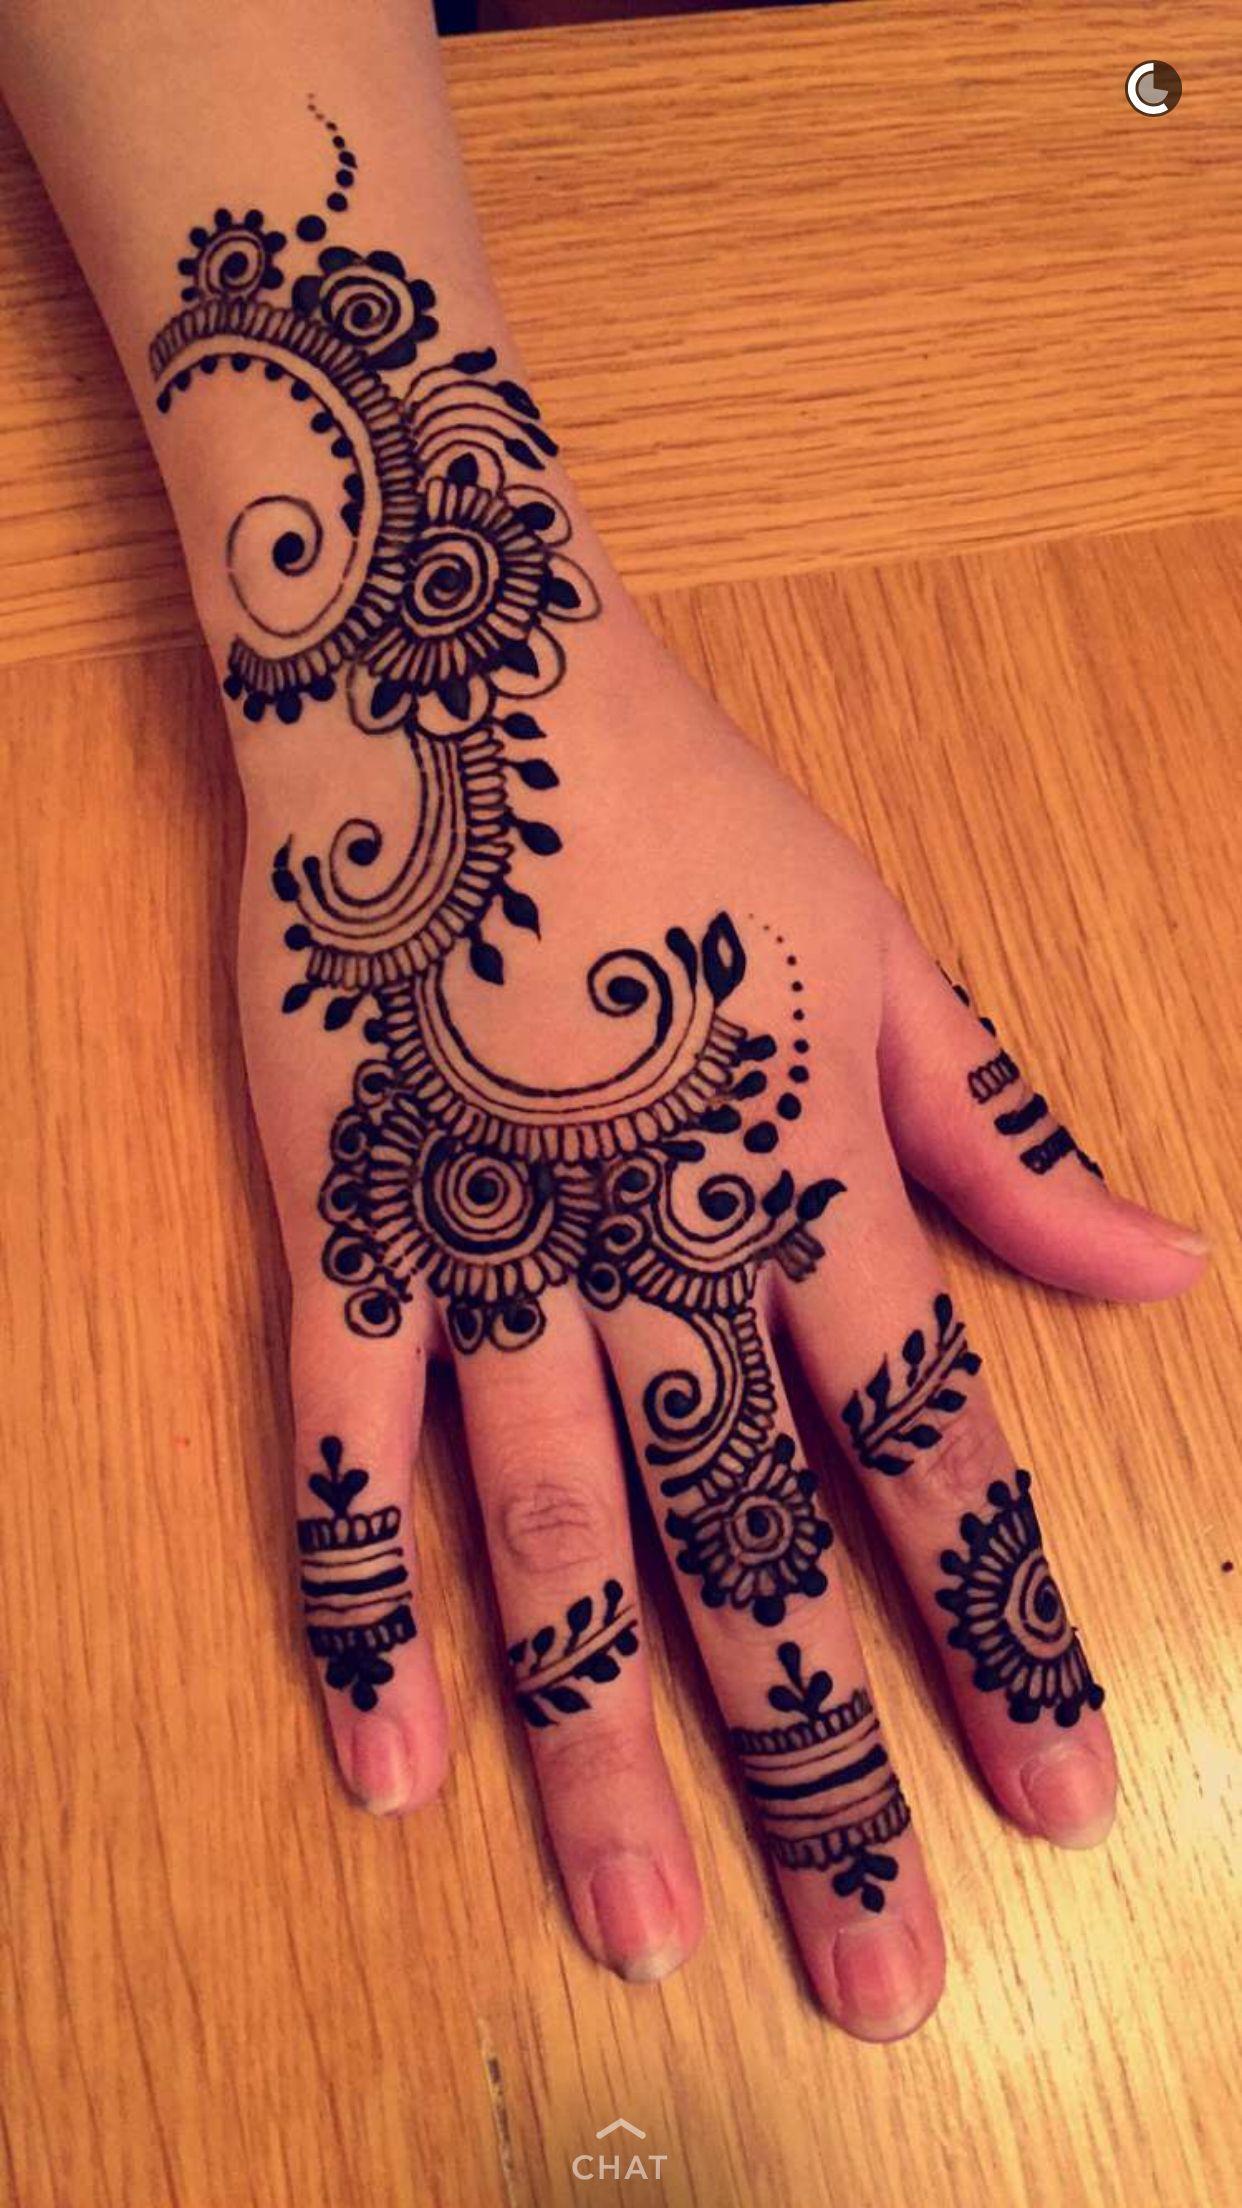 25 Trendy Henna Tattoo Designs To Try For Your Hands: Die Besten 25+ Henna Motive Ideen Auf Pinterest